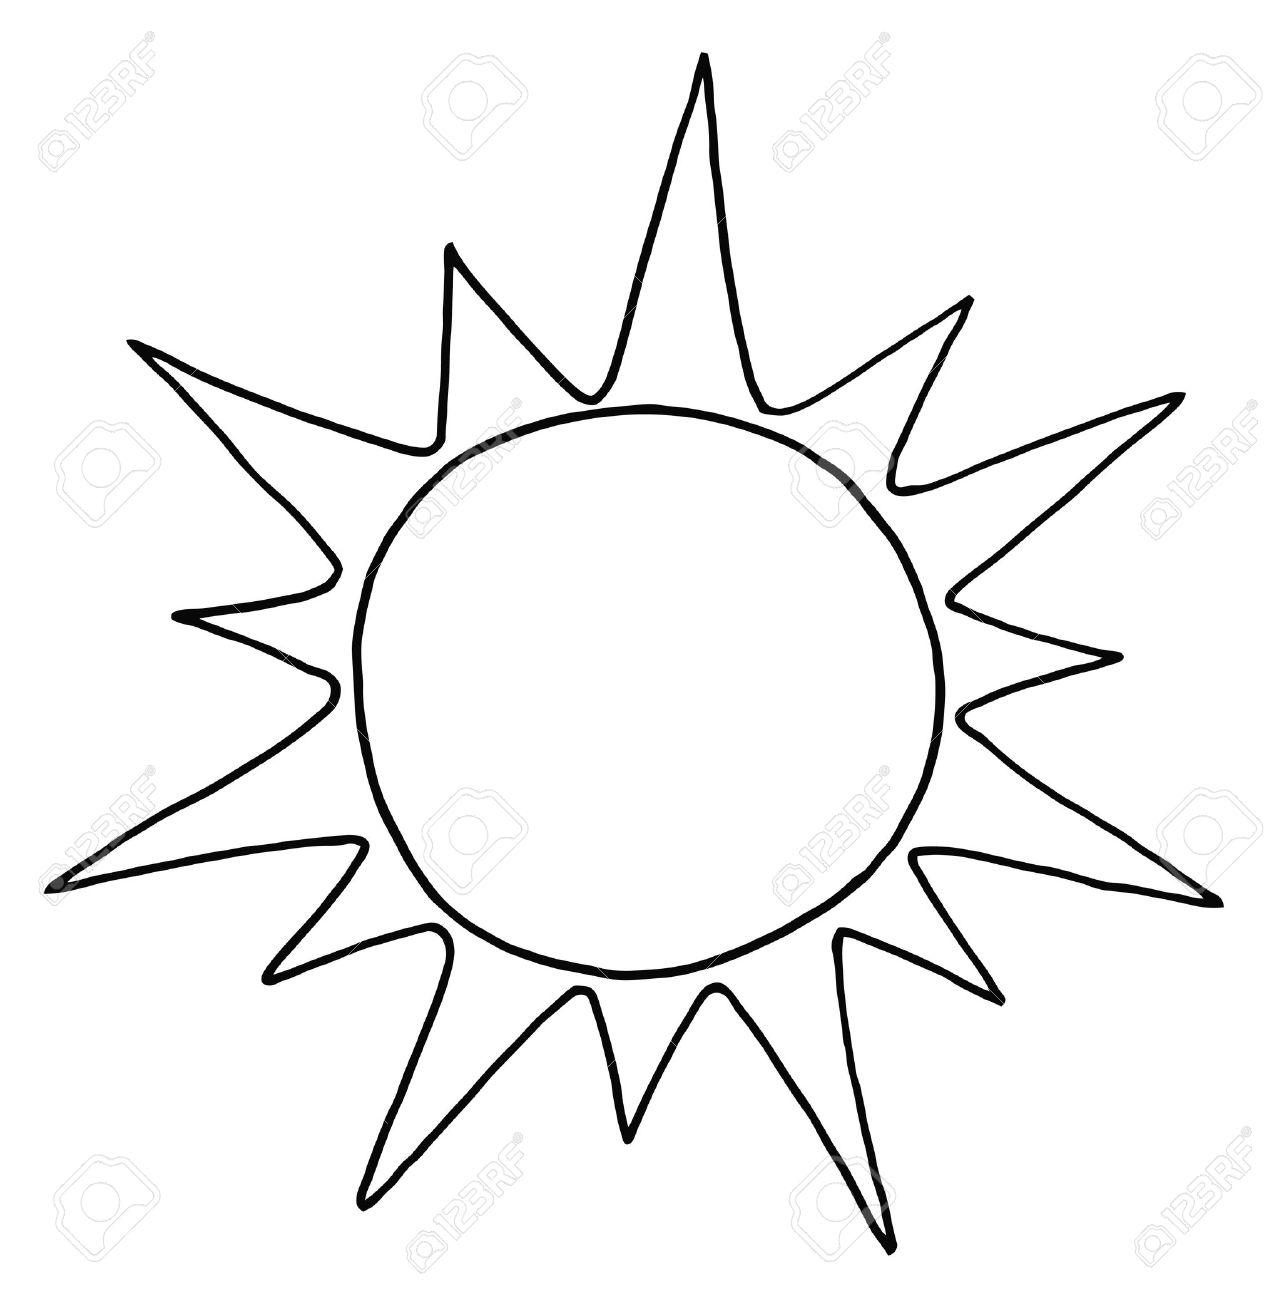 1264x1300 Sun Clip Art Black And White